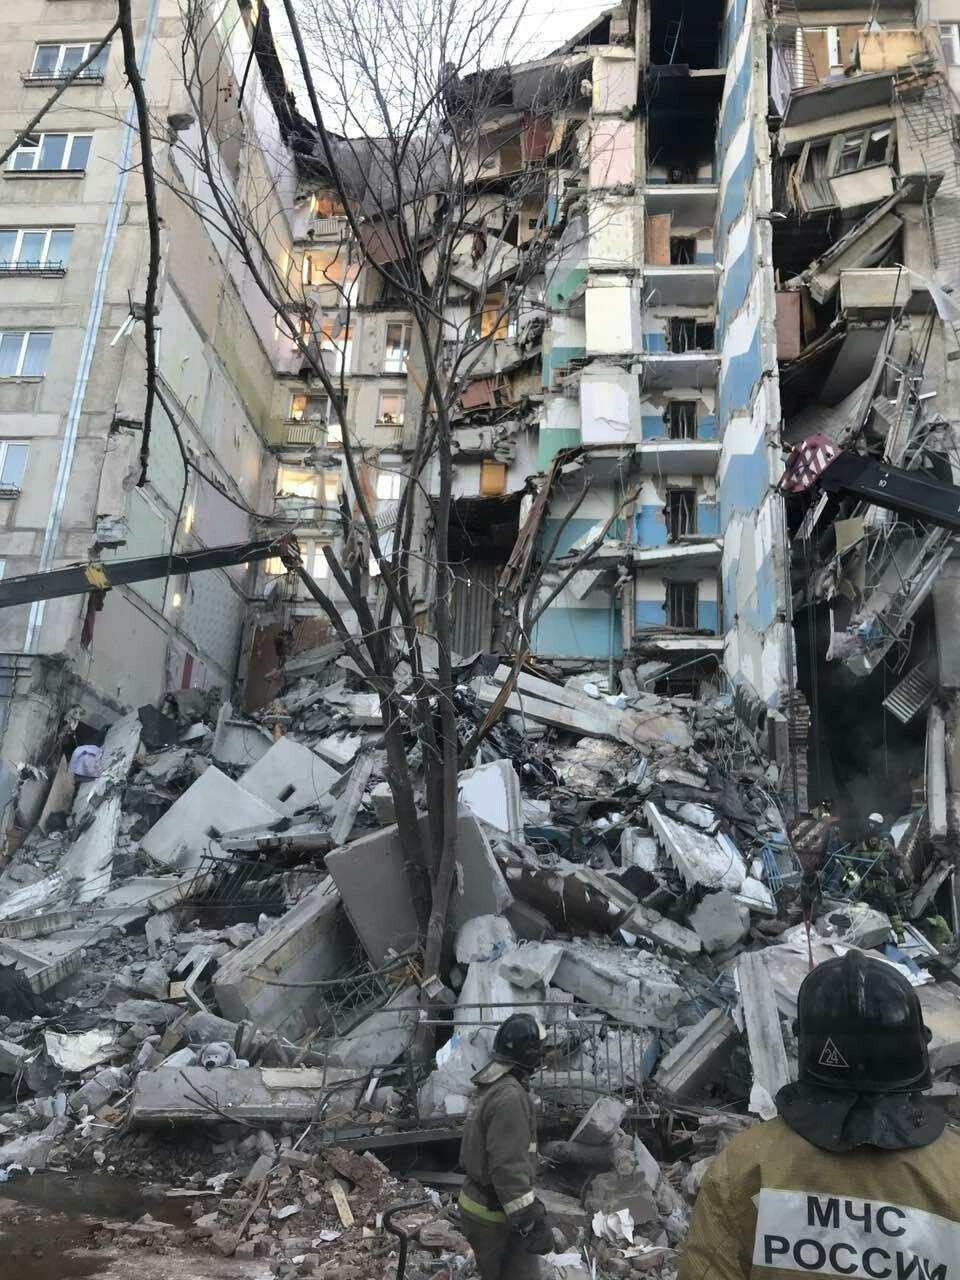 Эксперты не обнаружили следов взрывчатых веществ или их компонентов на изъятых фрагментах обрушив